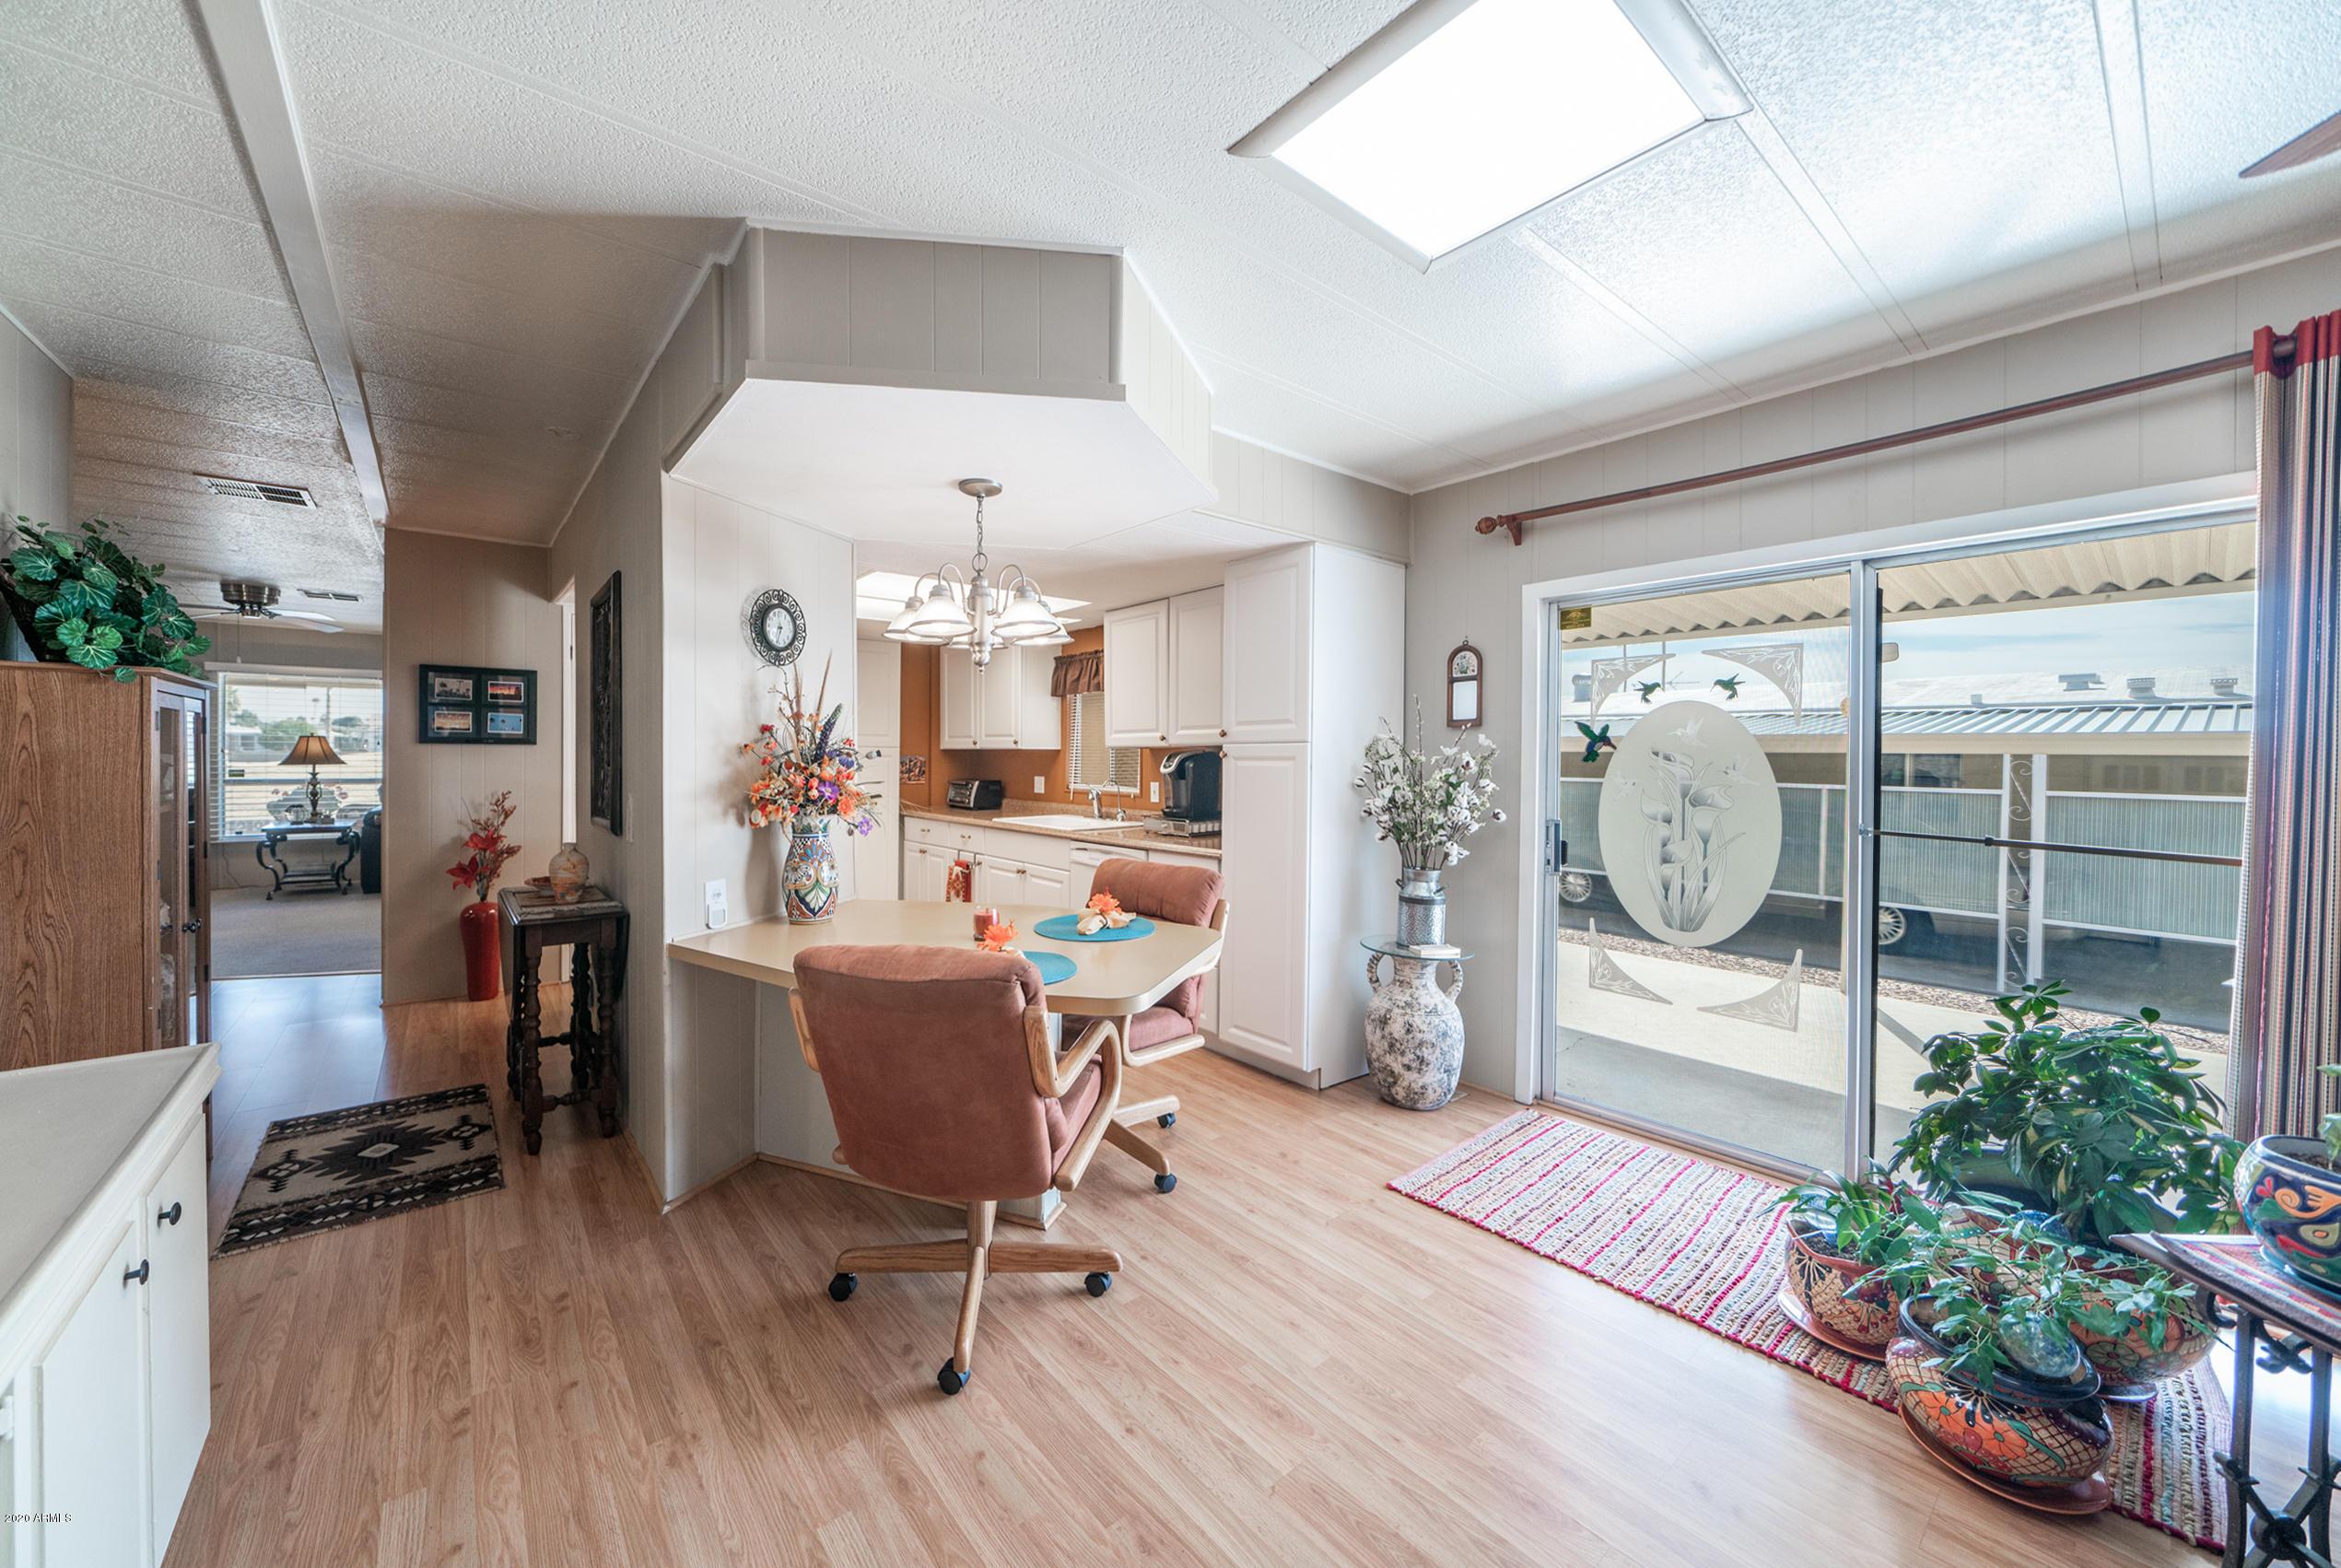 2243 N HIGLEY Road, Mesa, Arizona 85215, 2 Bedrooms Bedrooms, ,Residential,For Sale,2243 N HIGLEY Road,6039533